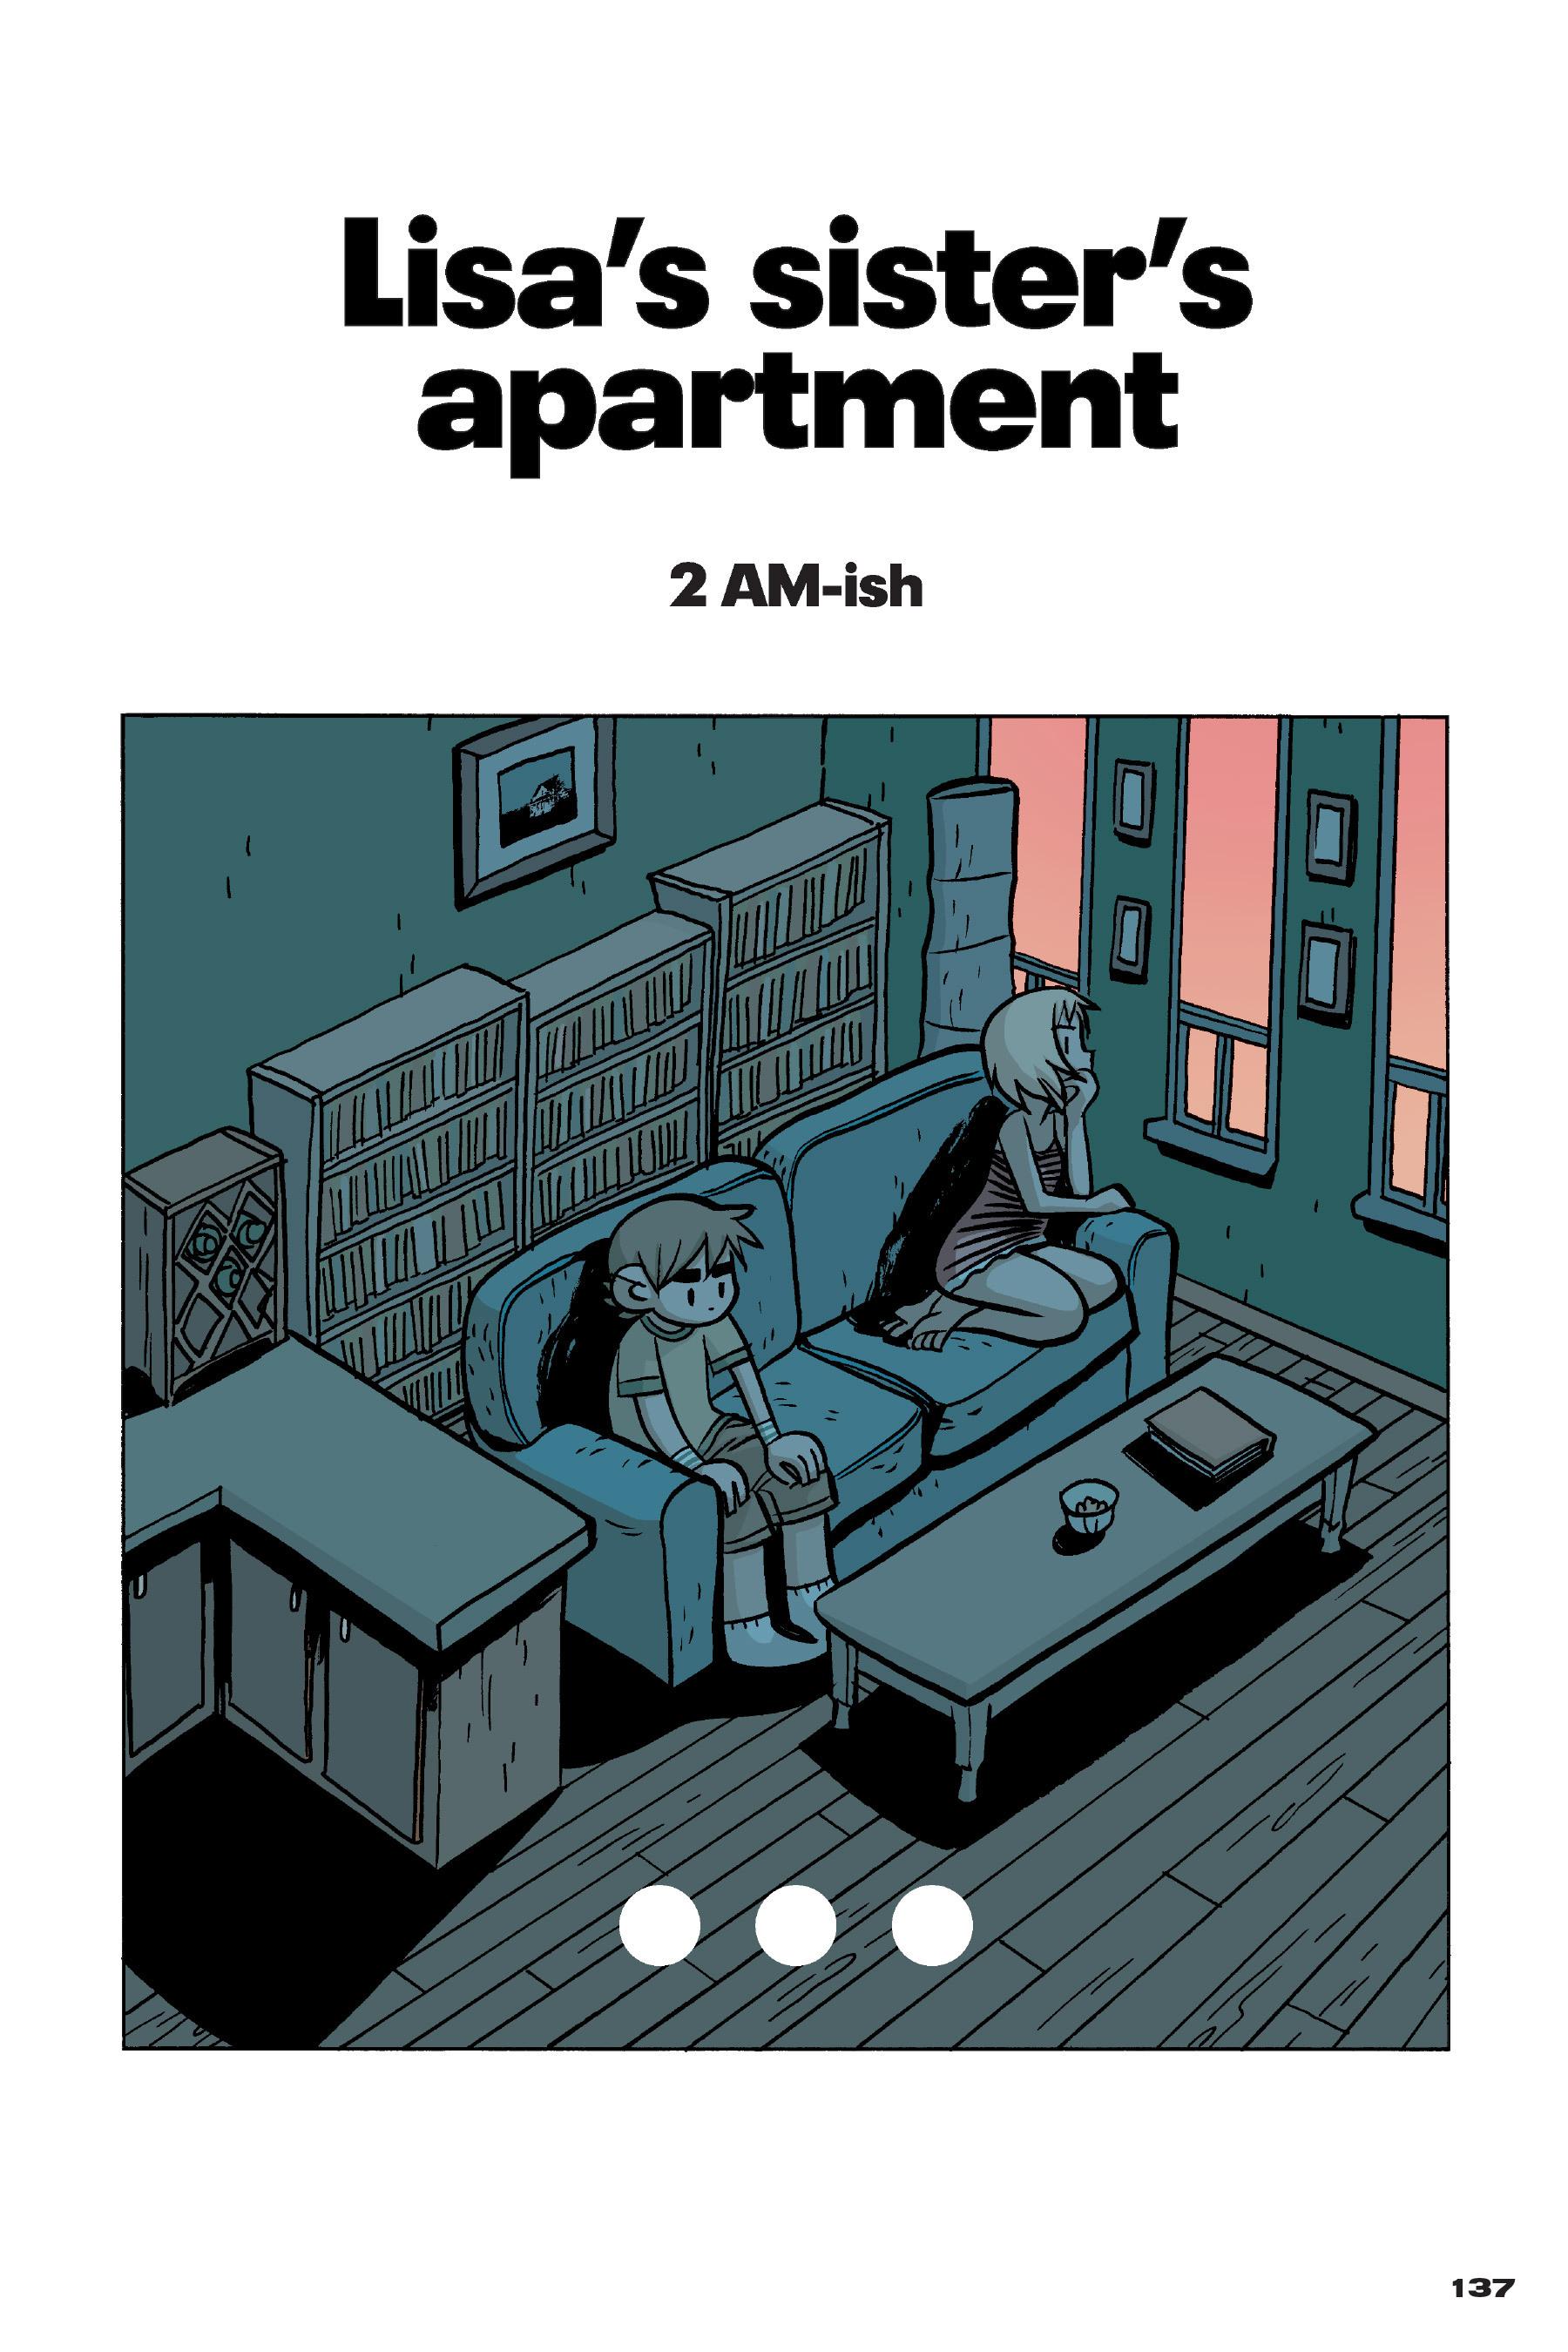 Read online Scott Pilgrim comic -  Issue #4 - 134